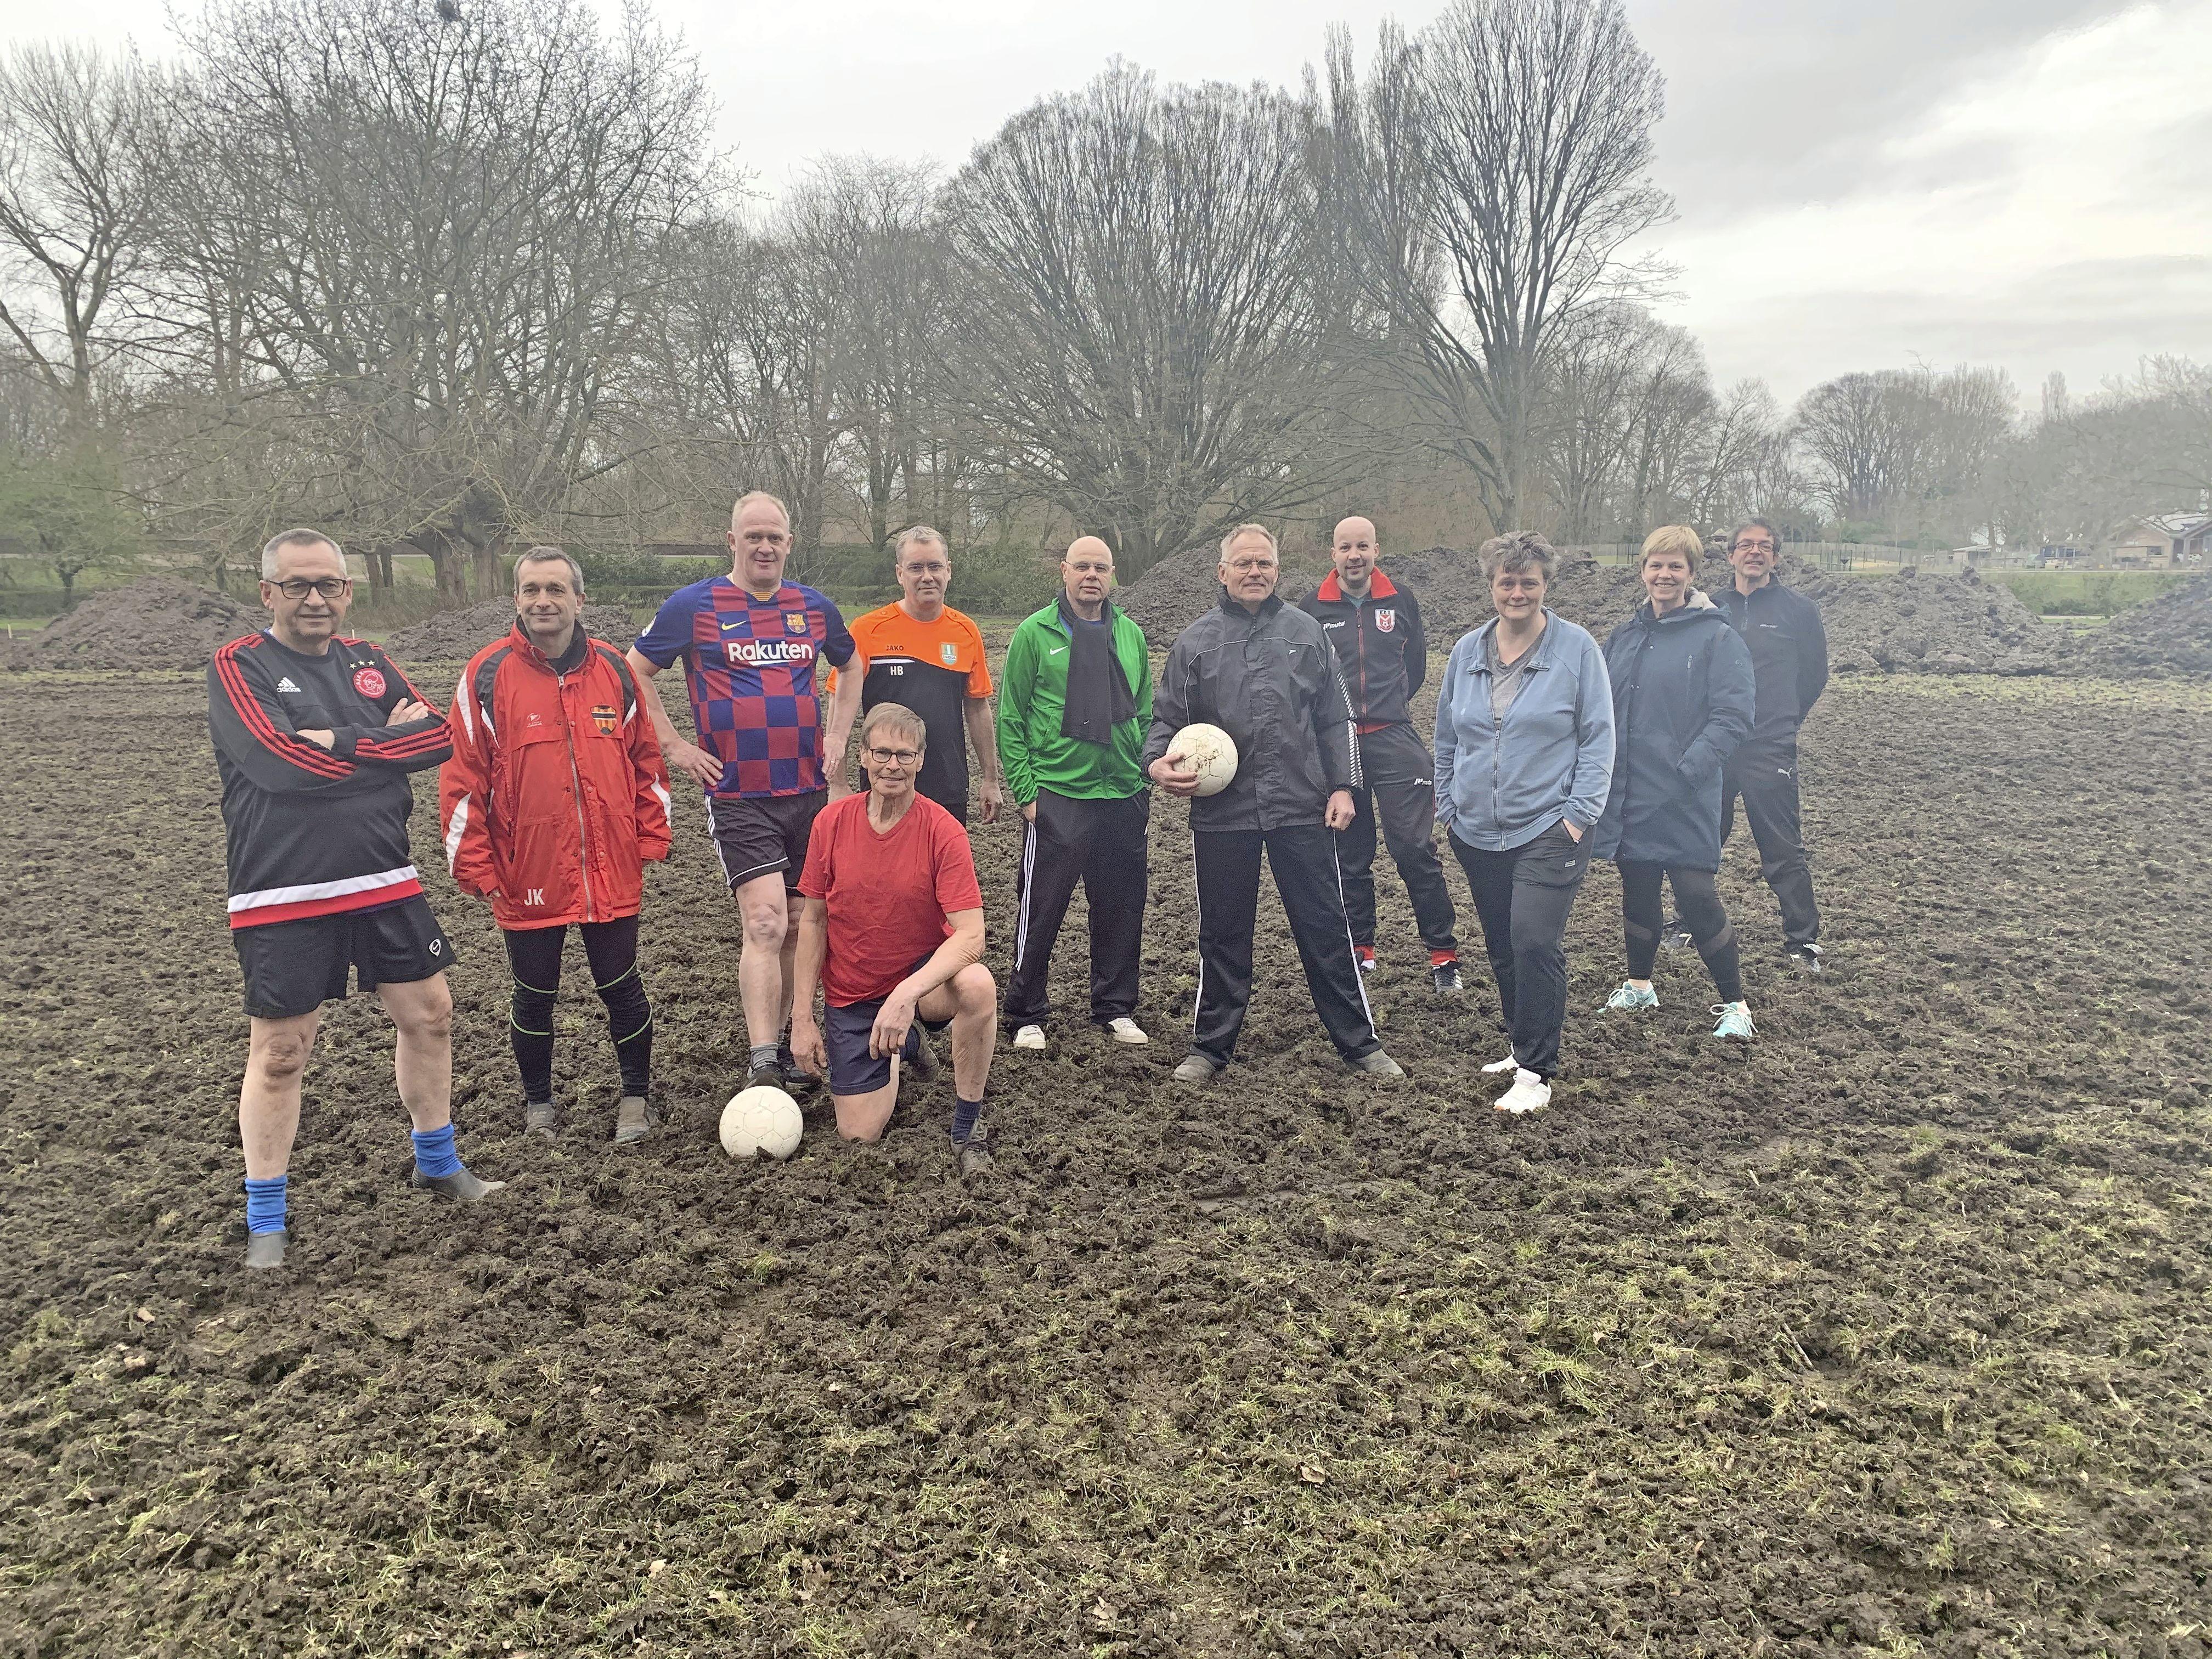 Enkhuizen ploegt 'voetbalveld' van mannen van de Boksewei om. Na veertig jaar einde aan traditie?